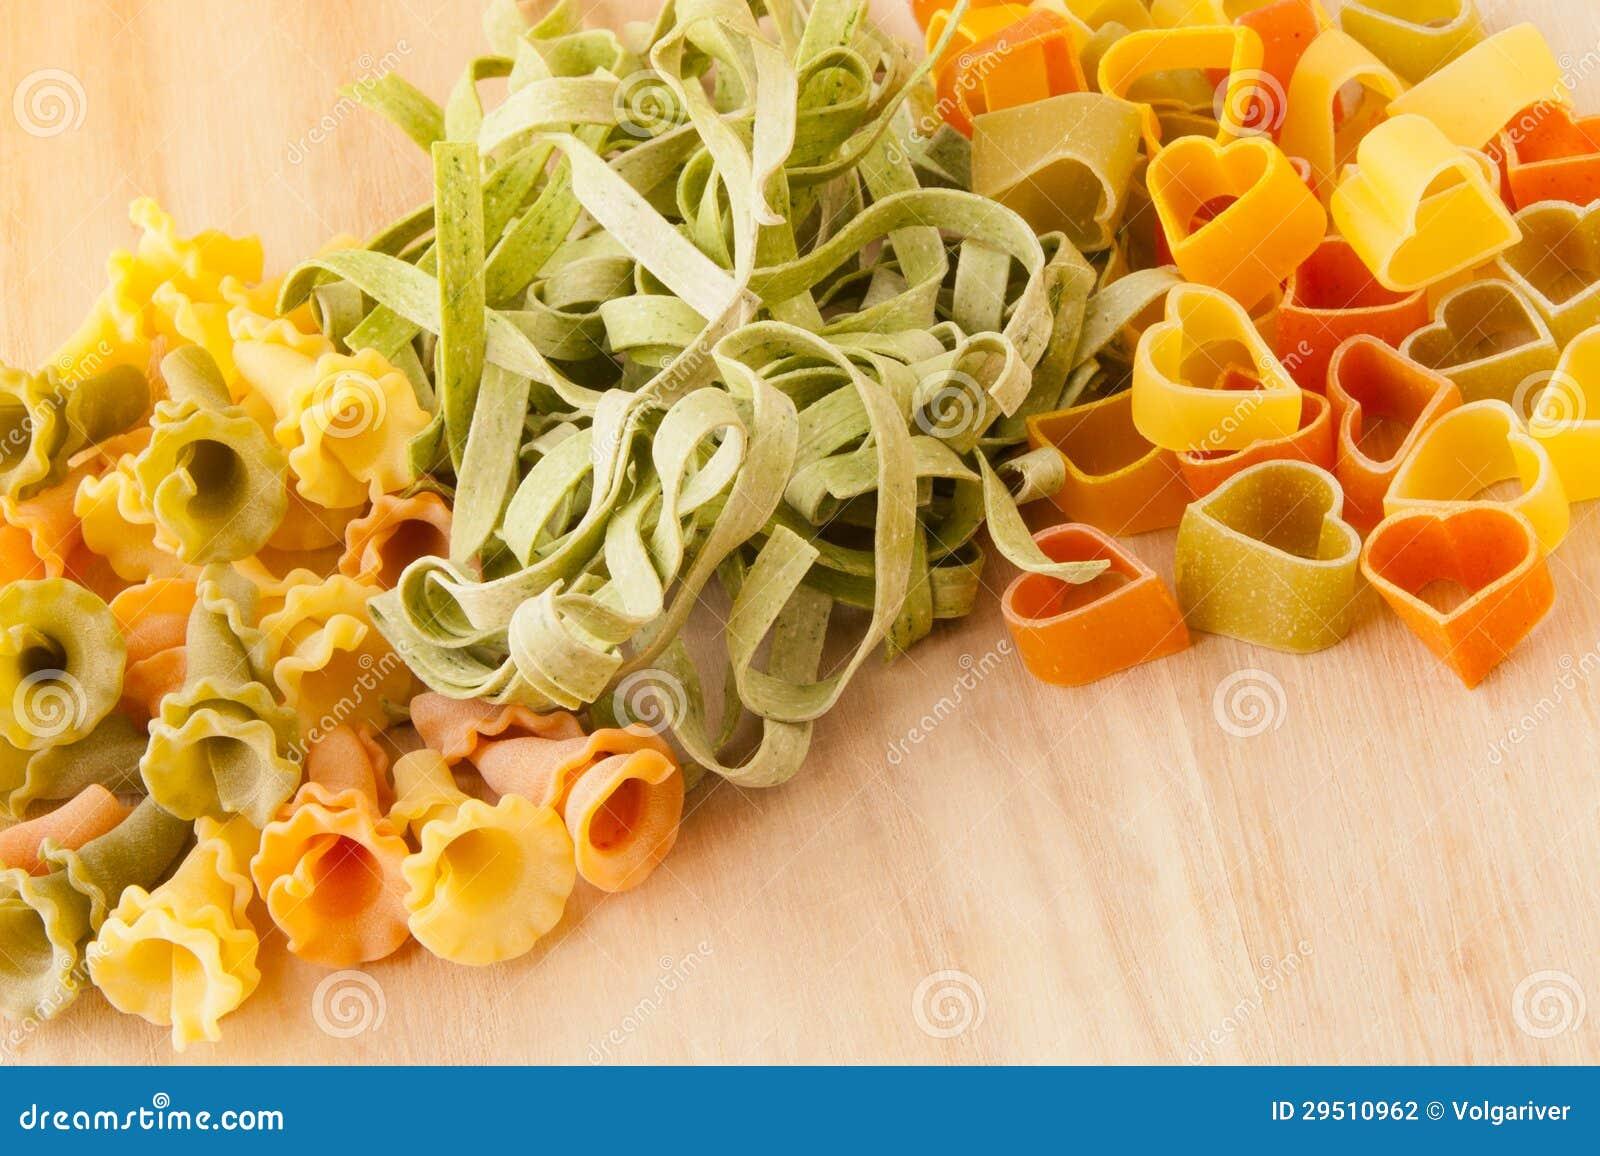 Verscheidenheid van types en vormen van Italiaanse deegwaren.